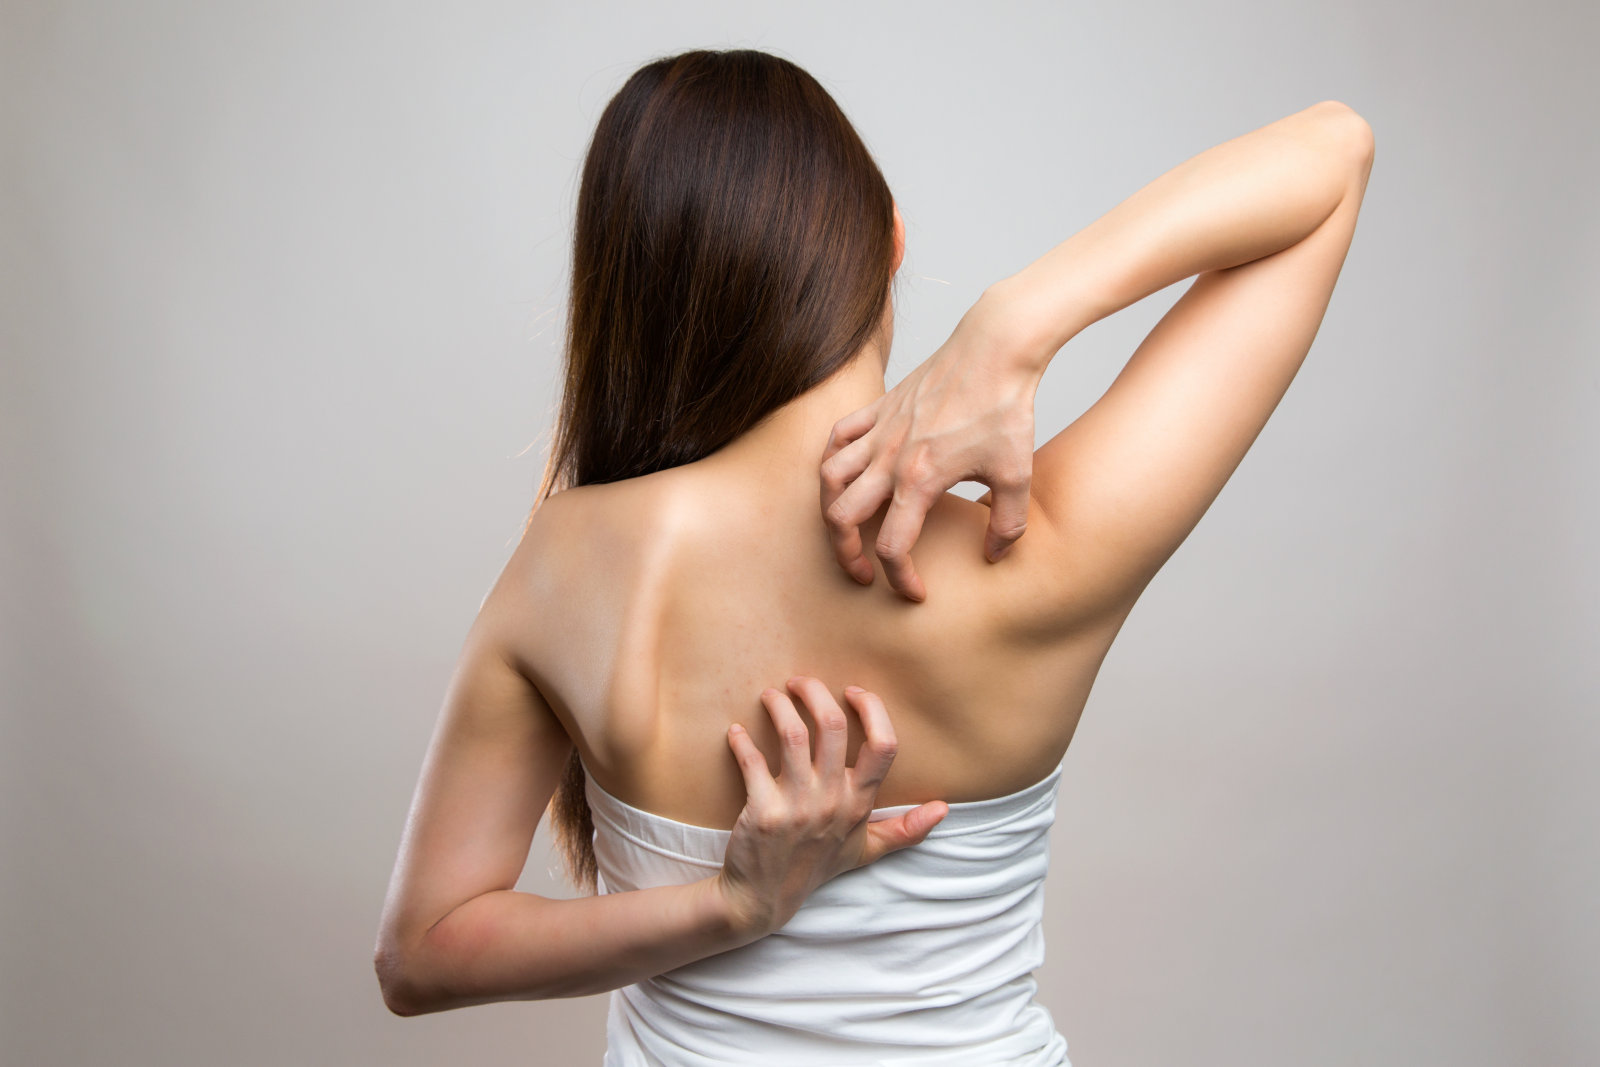 Sumptomid Kaalulangus sugelev nahk Maksimaalne kaalulangus uhel paeval